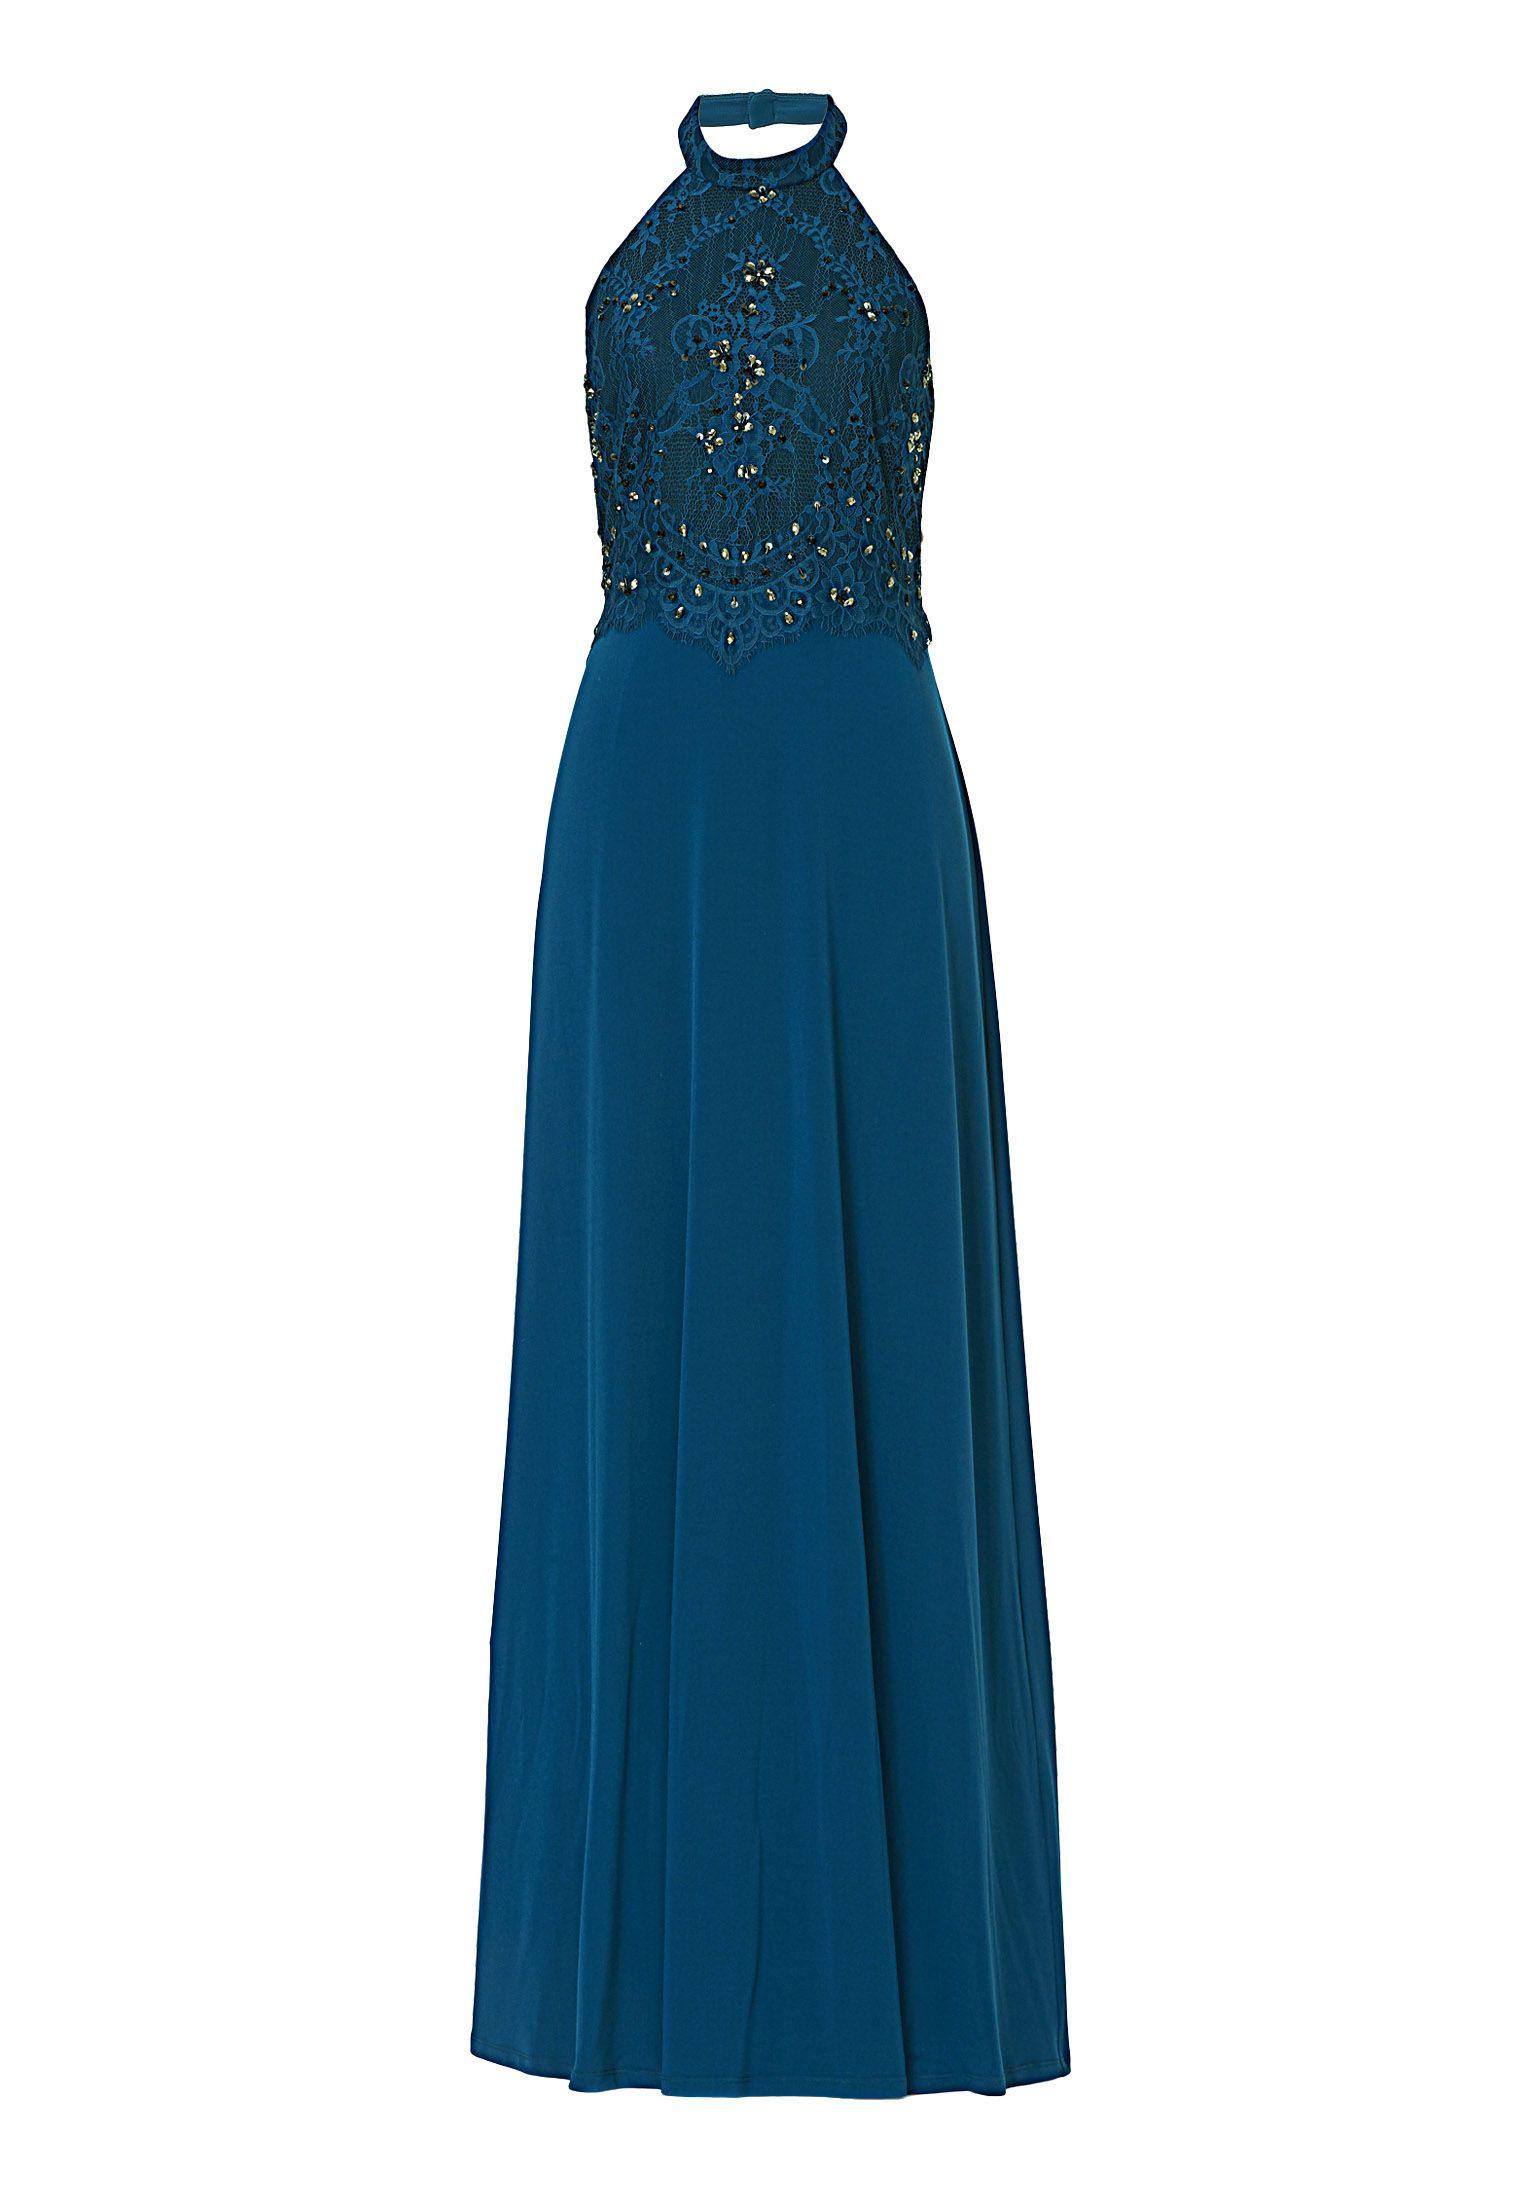 20 Luxurius Abendkleider Vera Mont Bester Preis20 Spektakulär Abendkleider Vera Mont Stylish